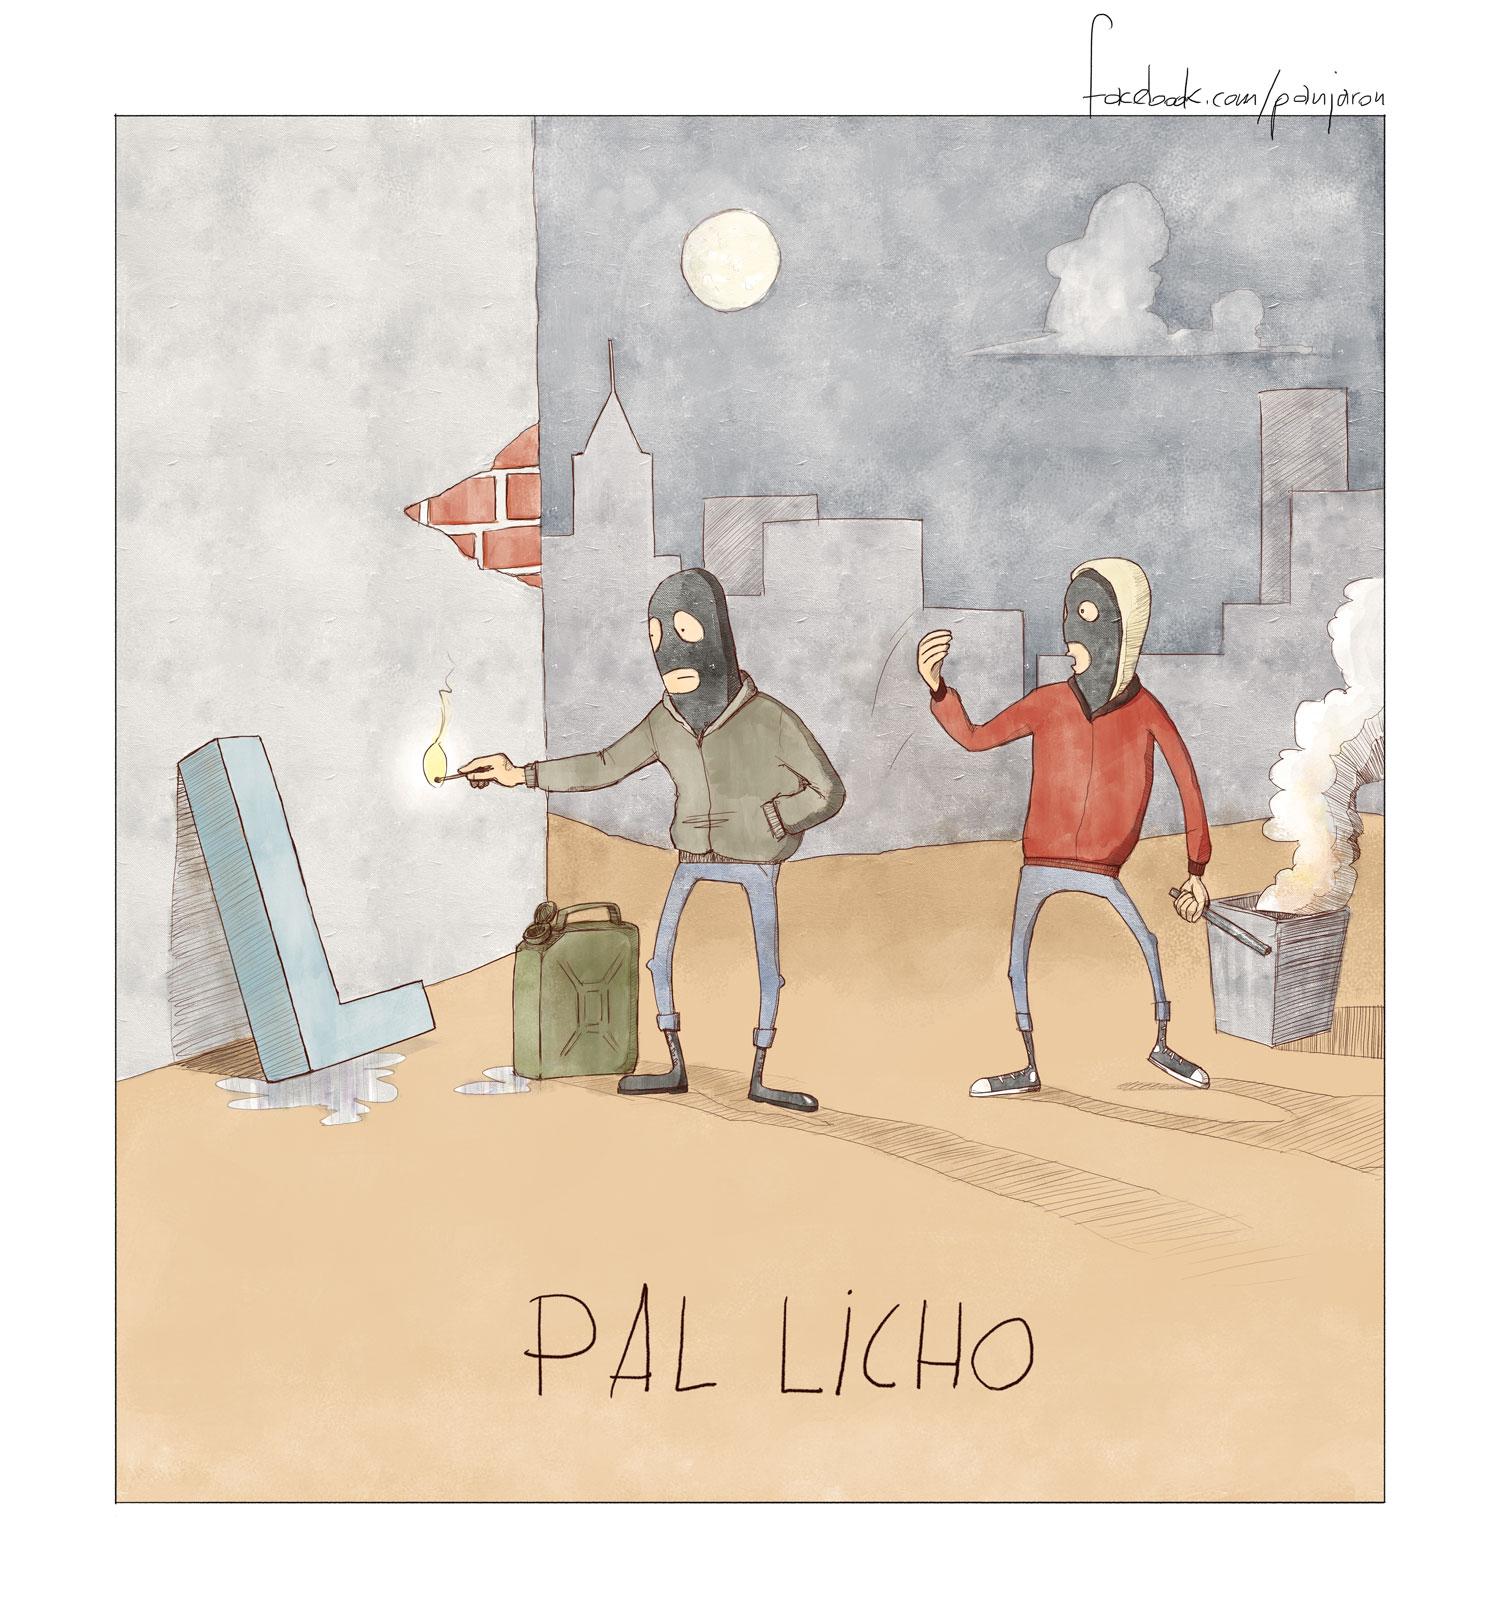 Jaroński rysownik - pal licho